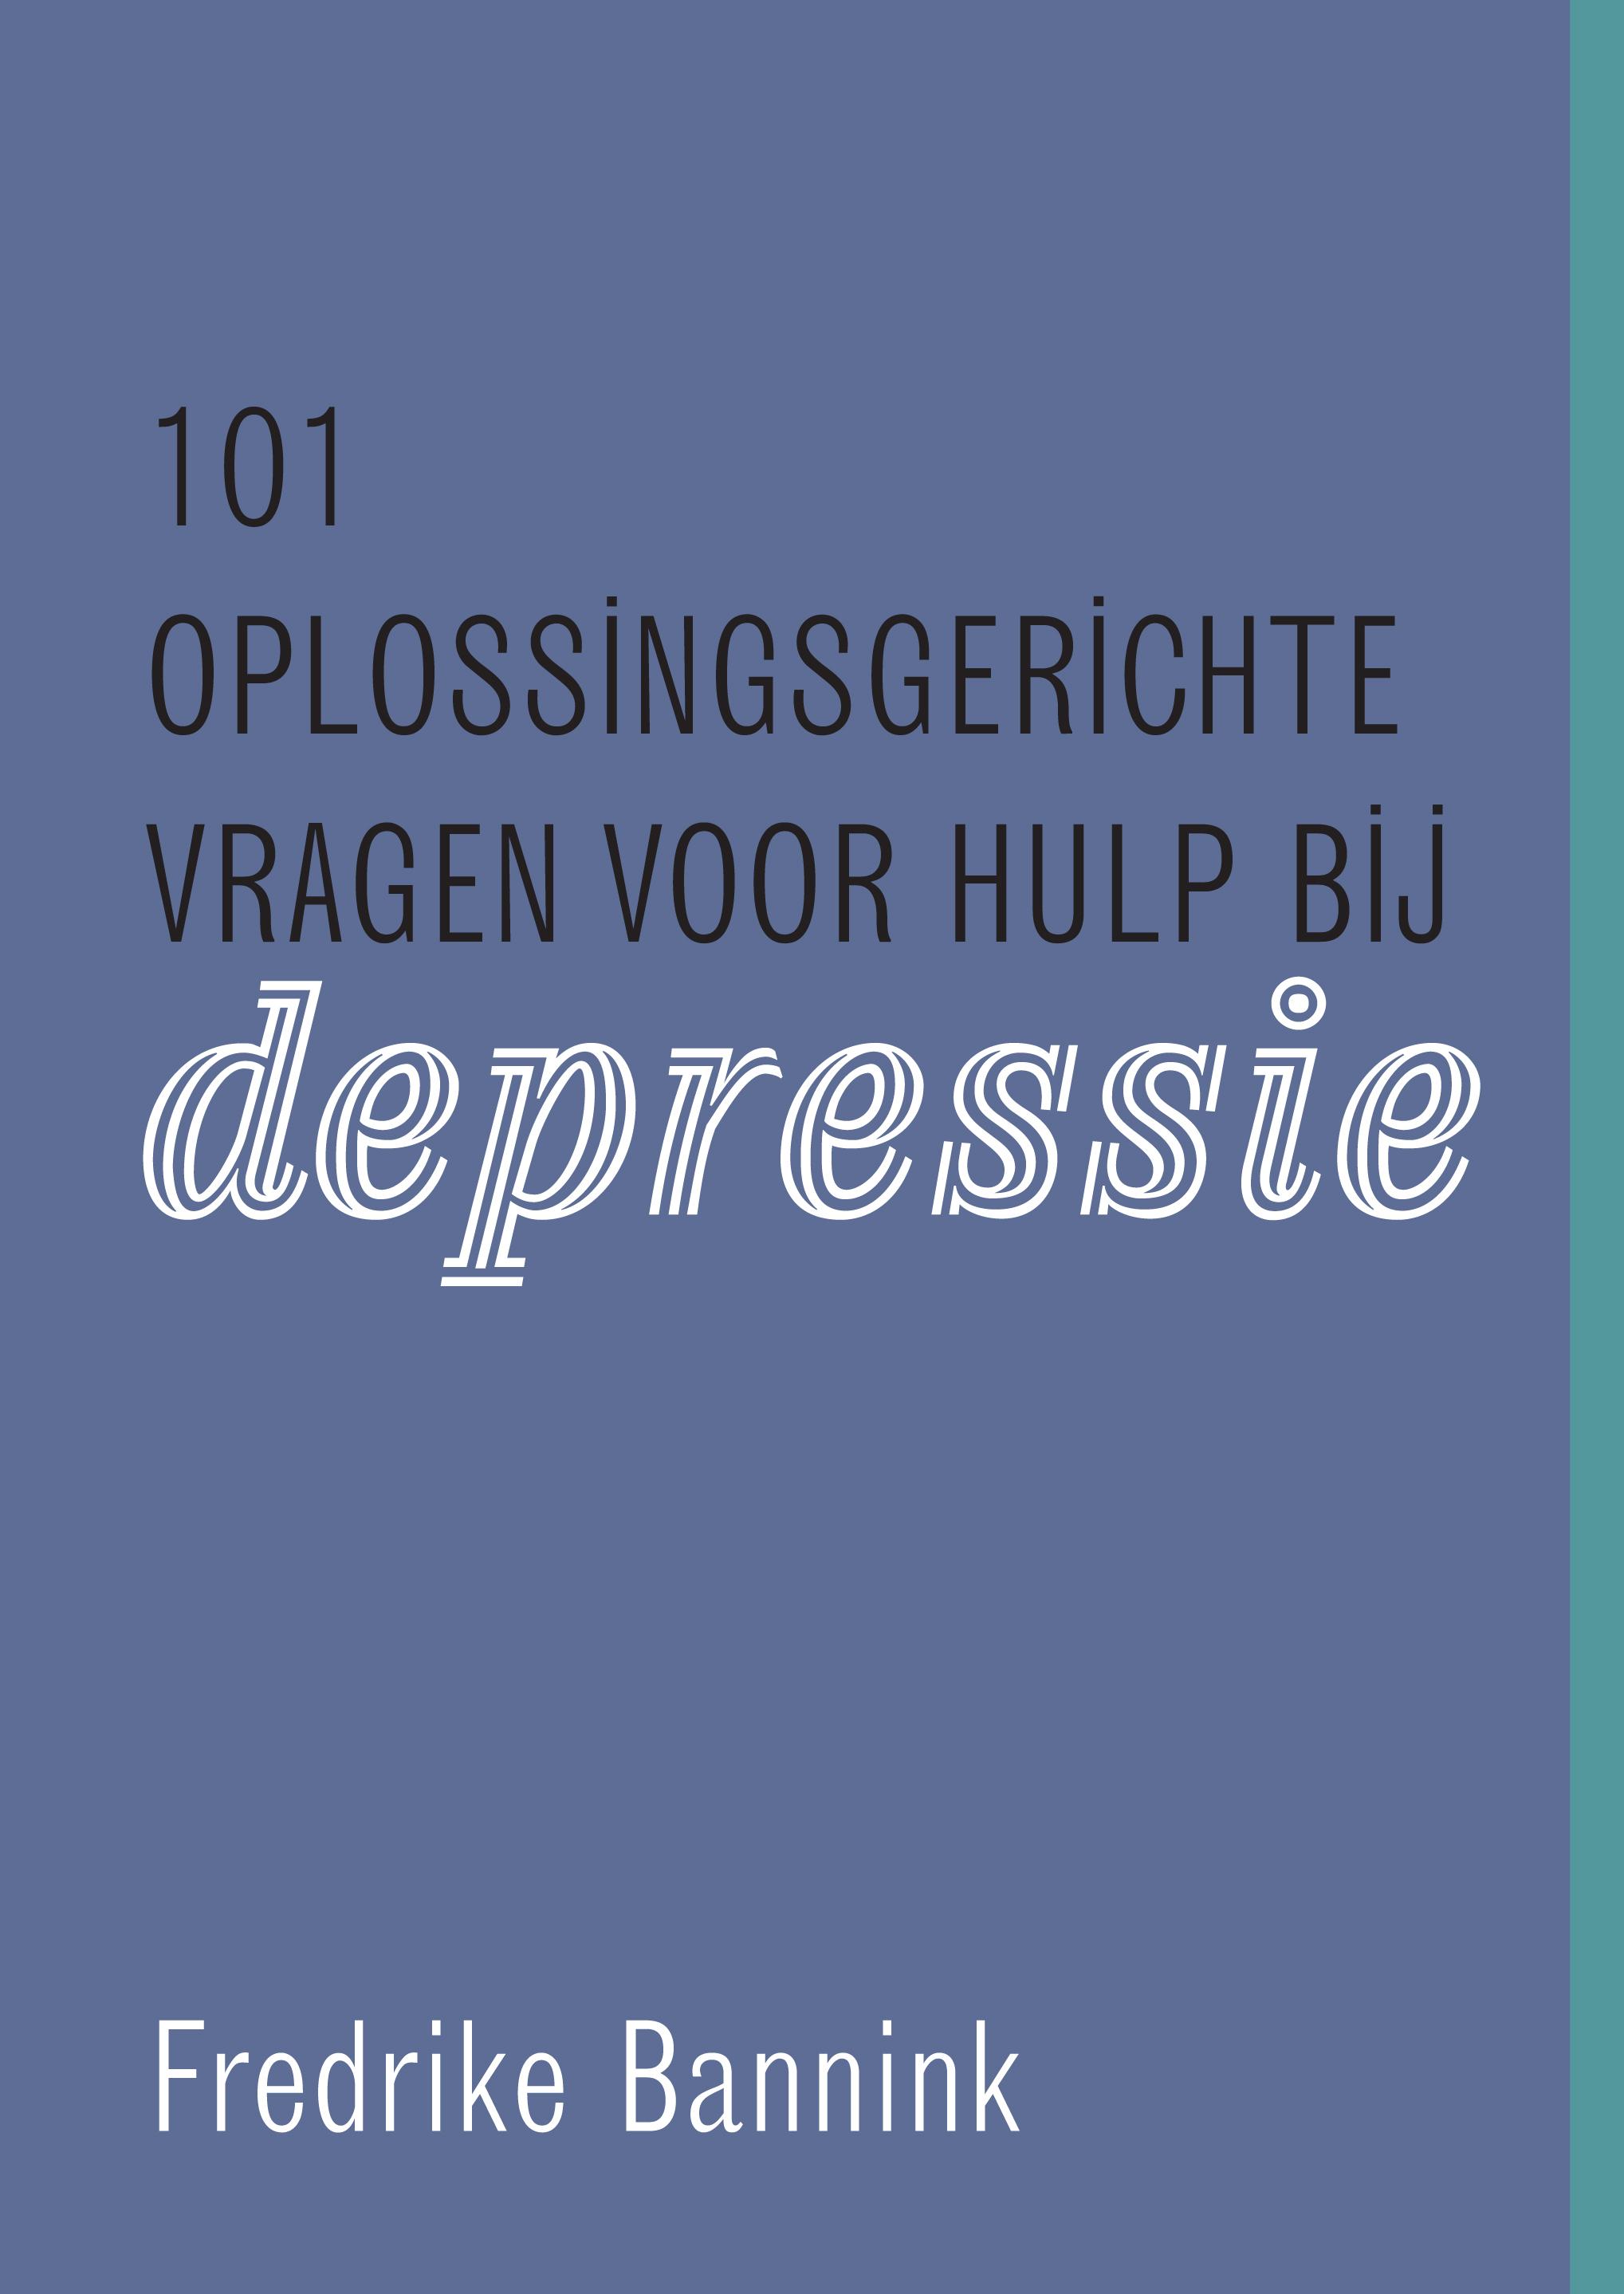 Cover image 101 oplossingsgerichte vragen voor hulp bij depressie